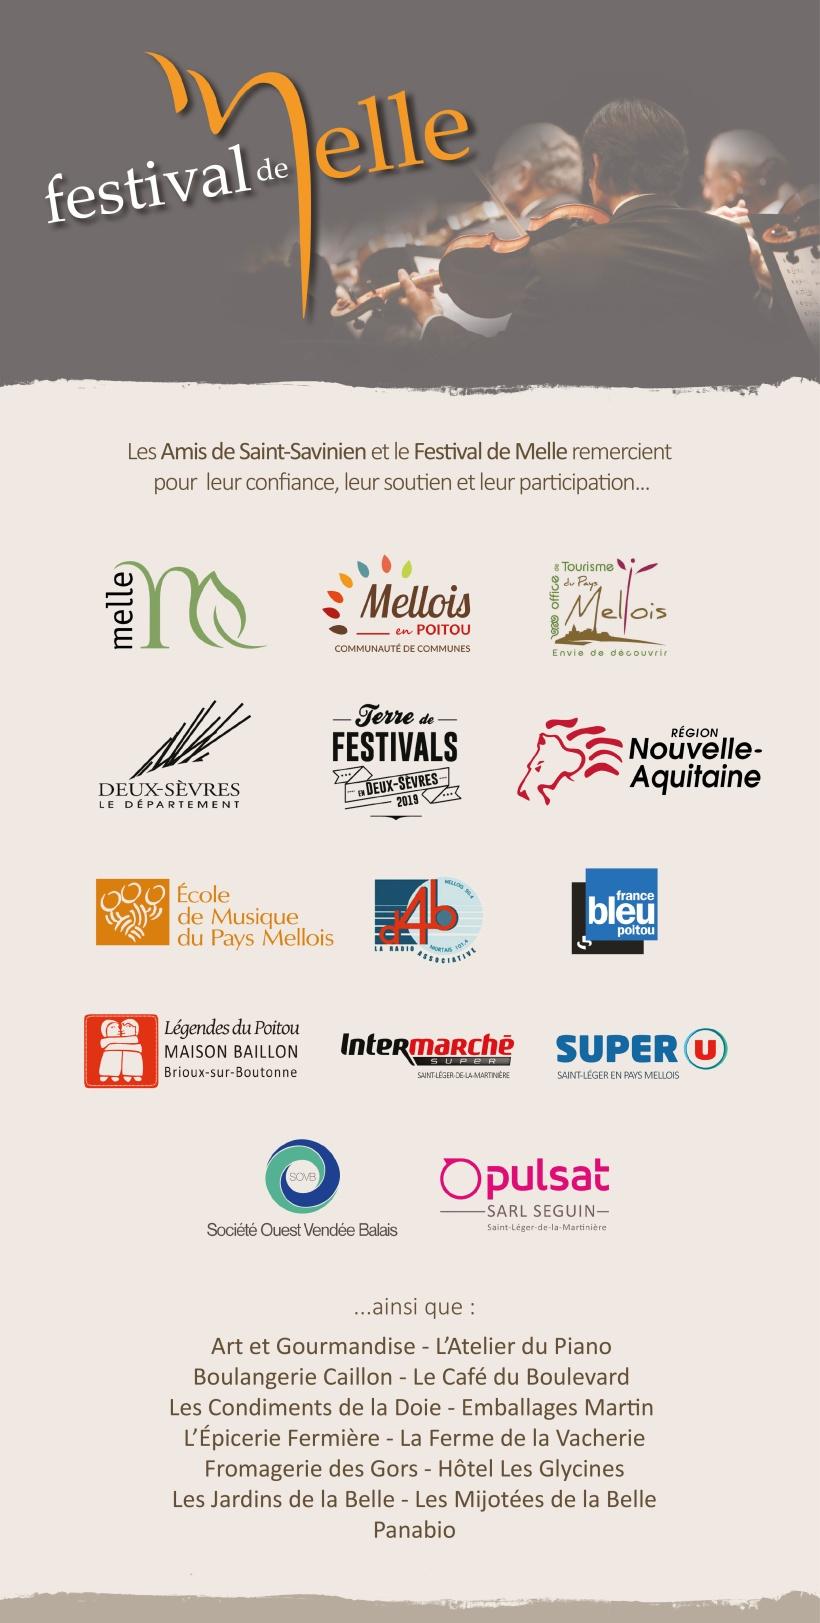 Partenaires © Festival de Melle